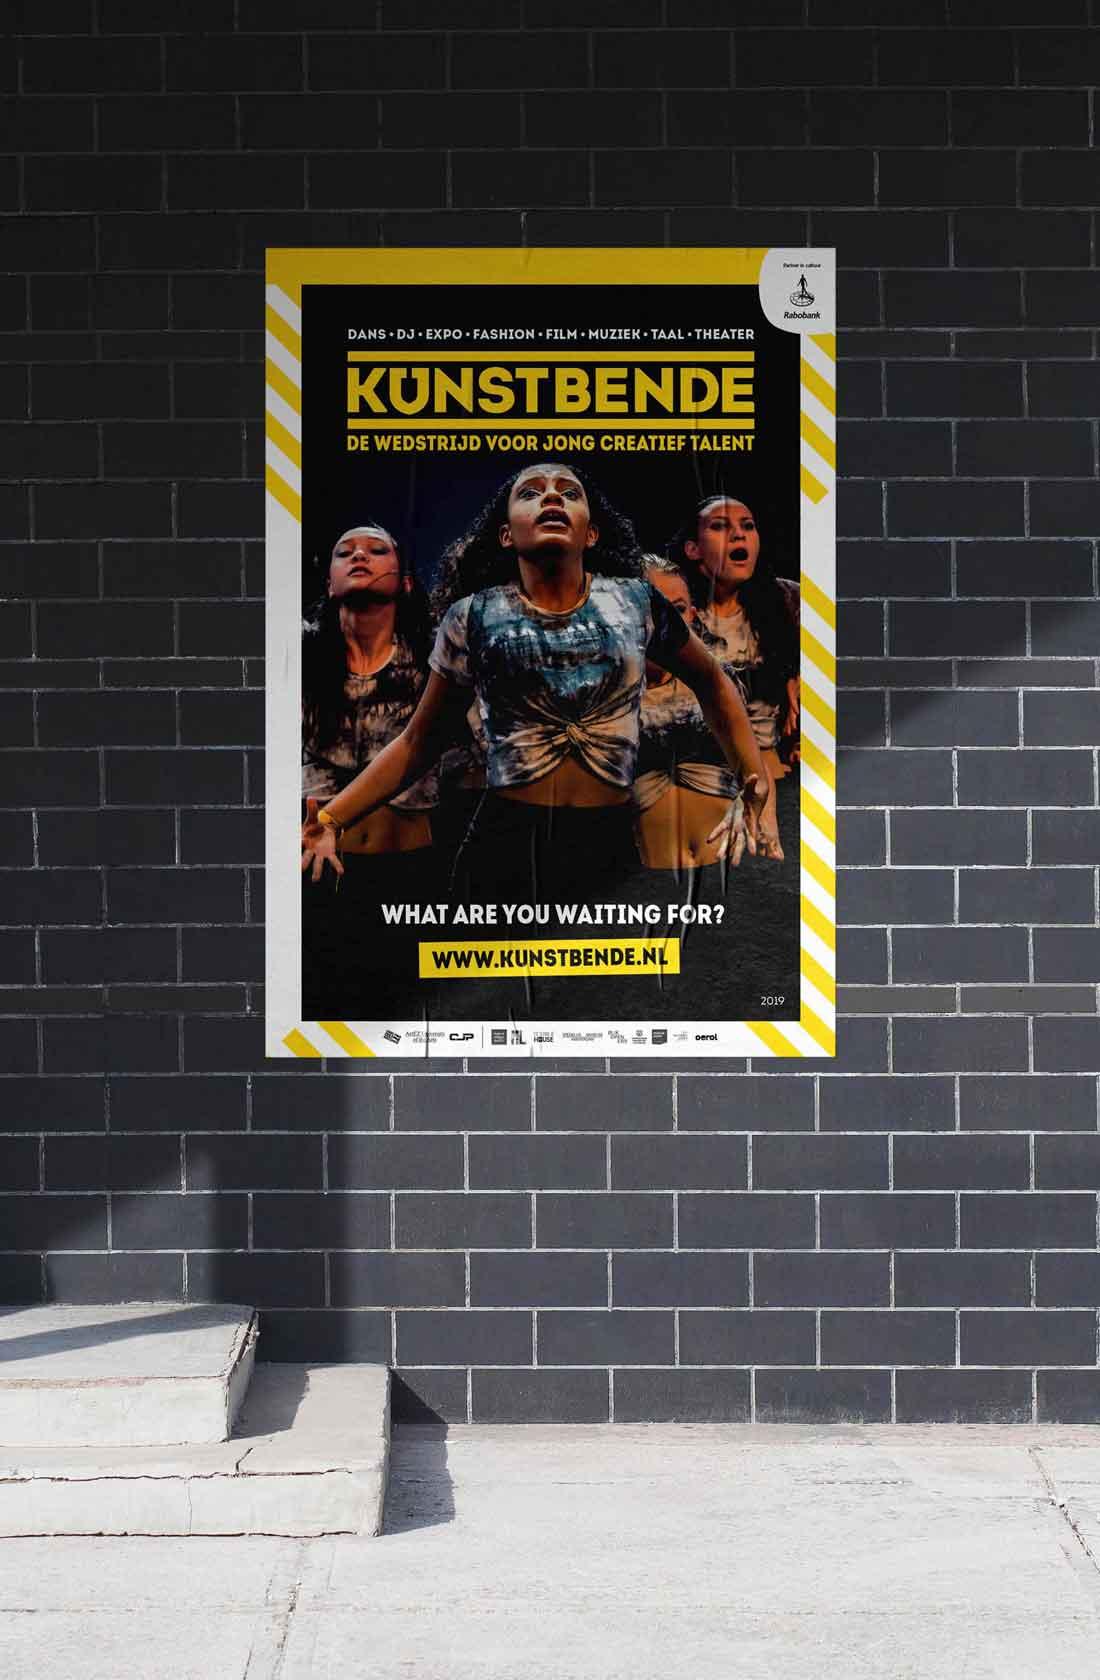 Mockup-beelden_Kunstbende8